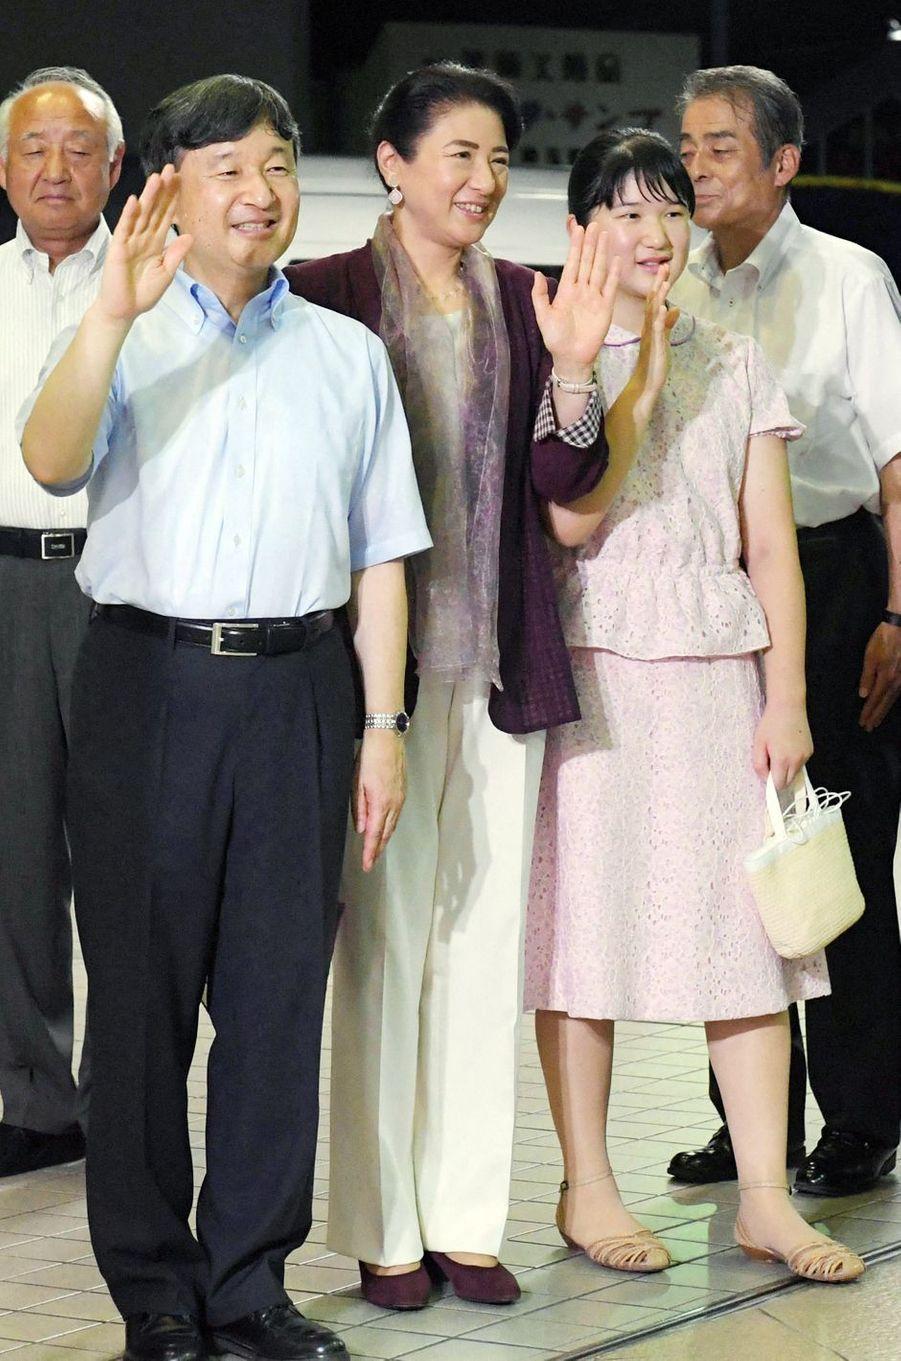 L'impératrice Masako, l'empereur Naruhito du Japon et la princesse Aiko à la gare de Shimoda, le 1er août